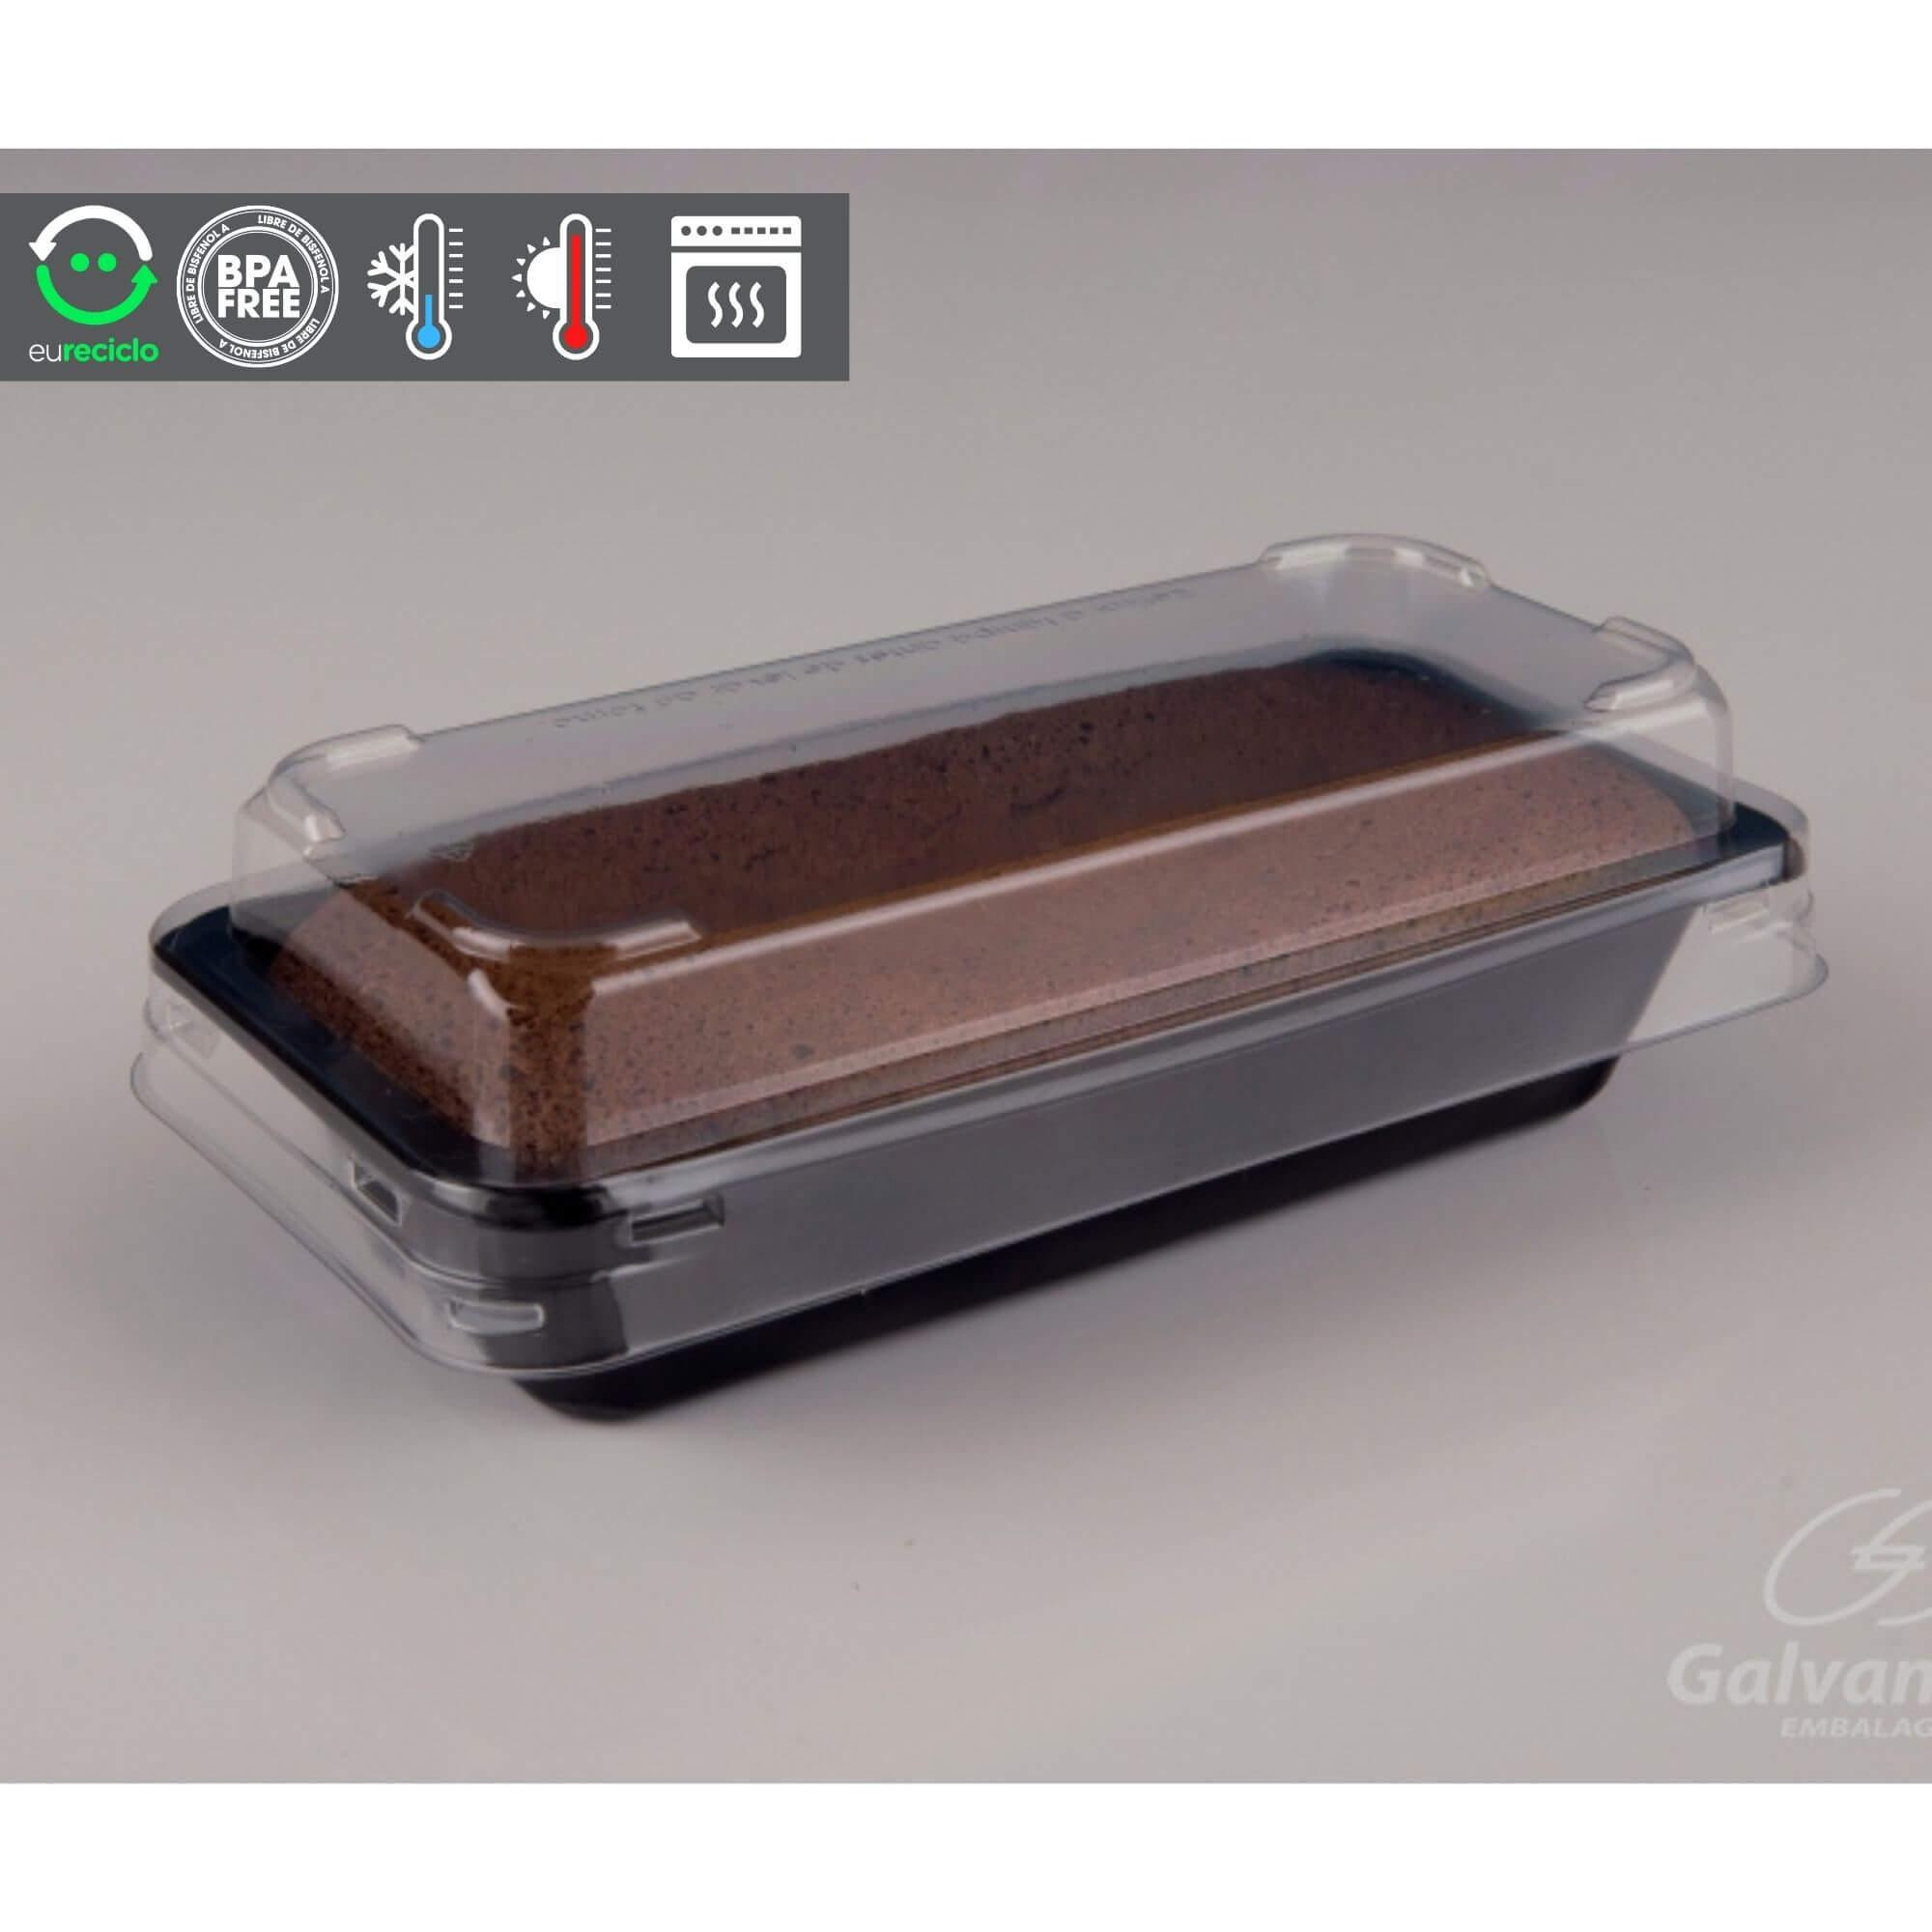 Embalagem forneável para bolo Inglês forno a gás - Galvanotek G220